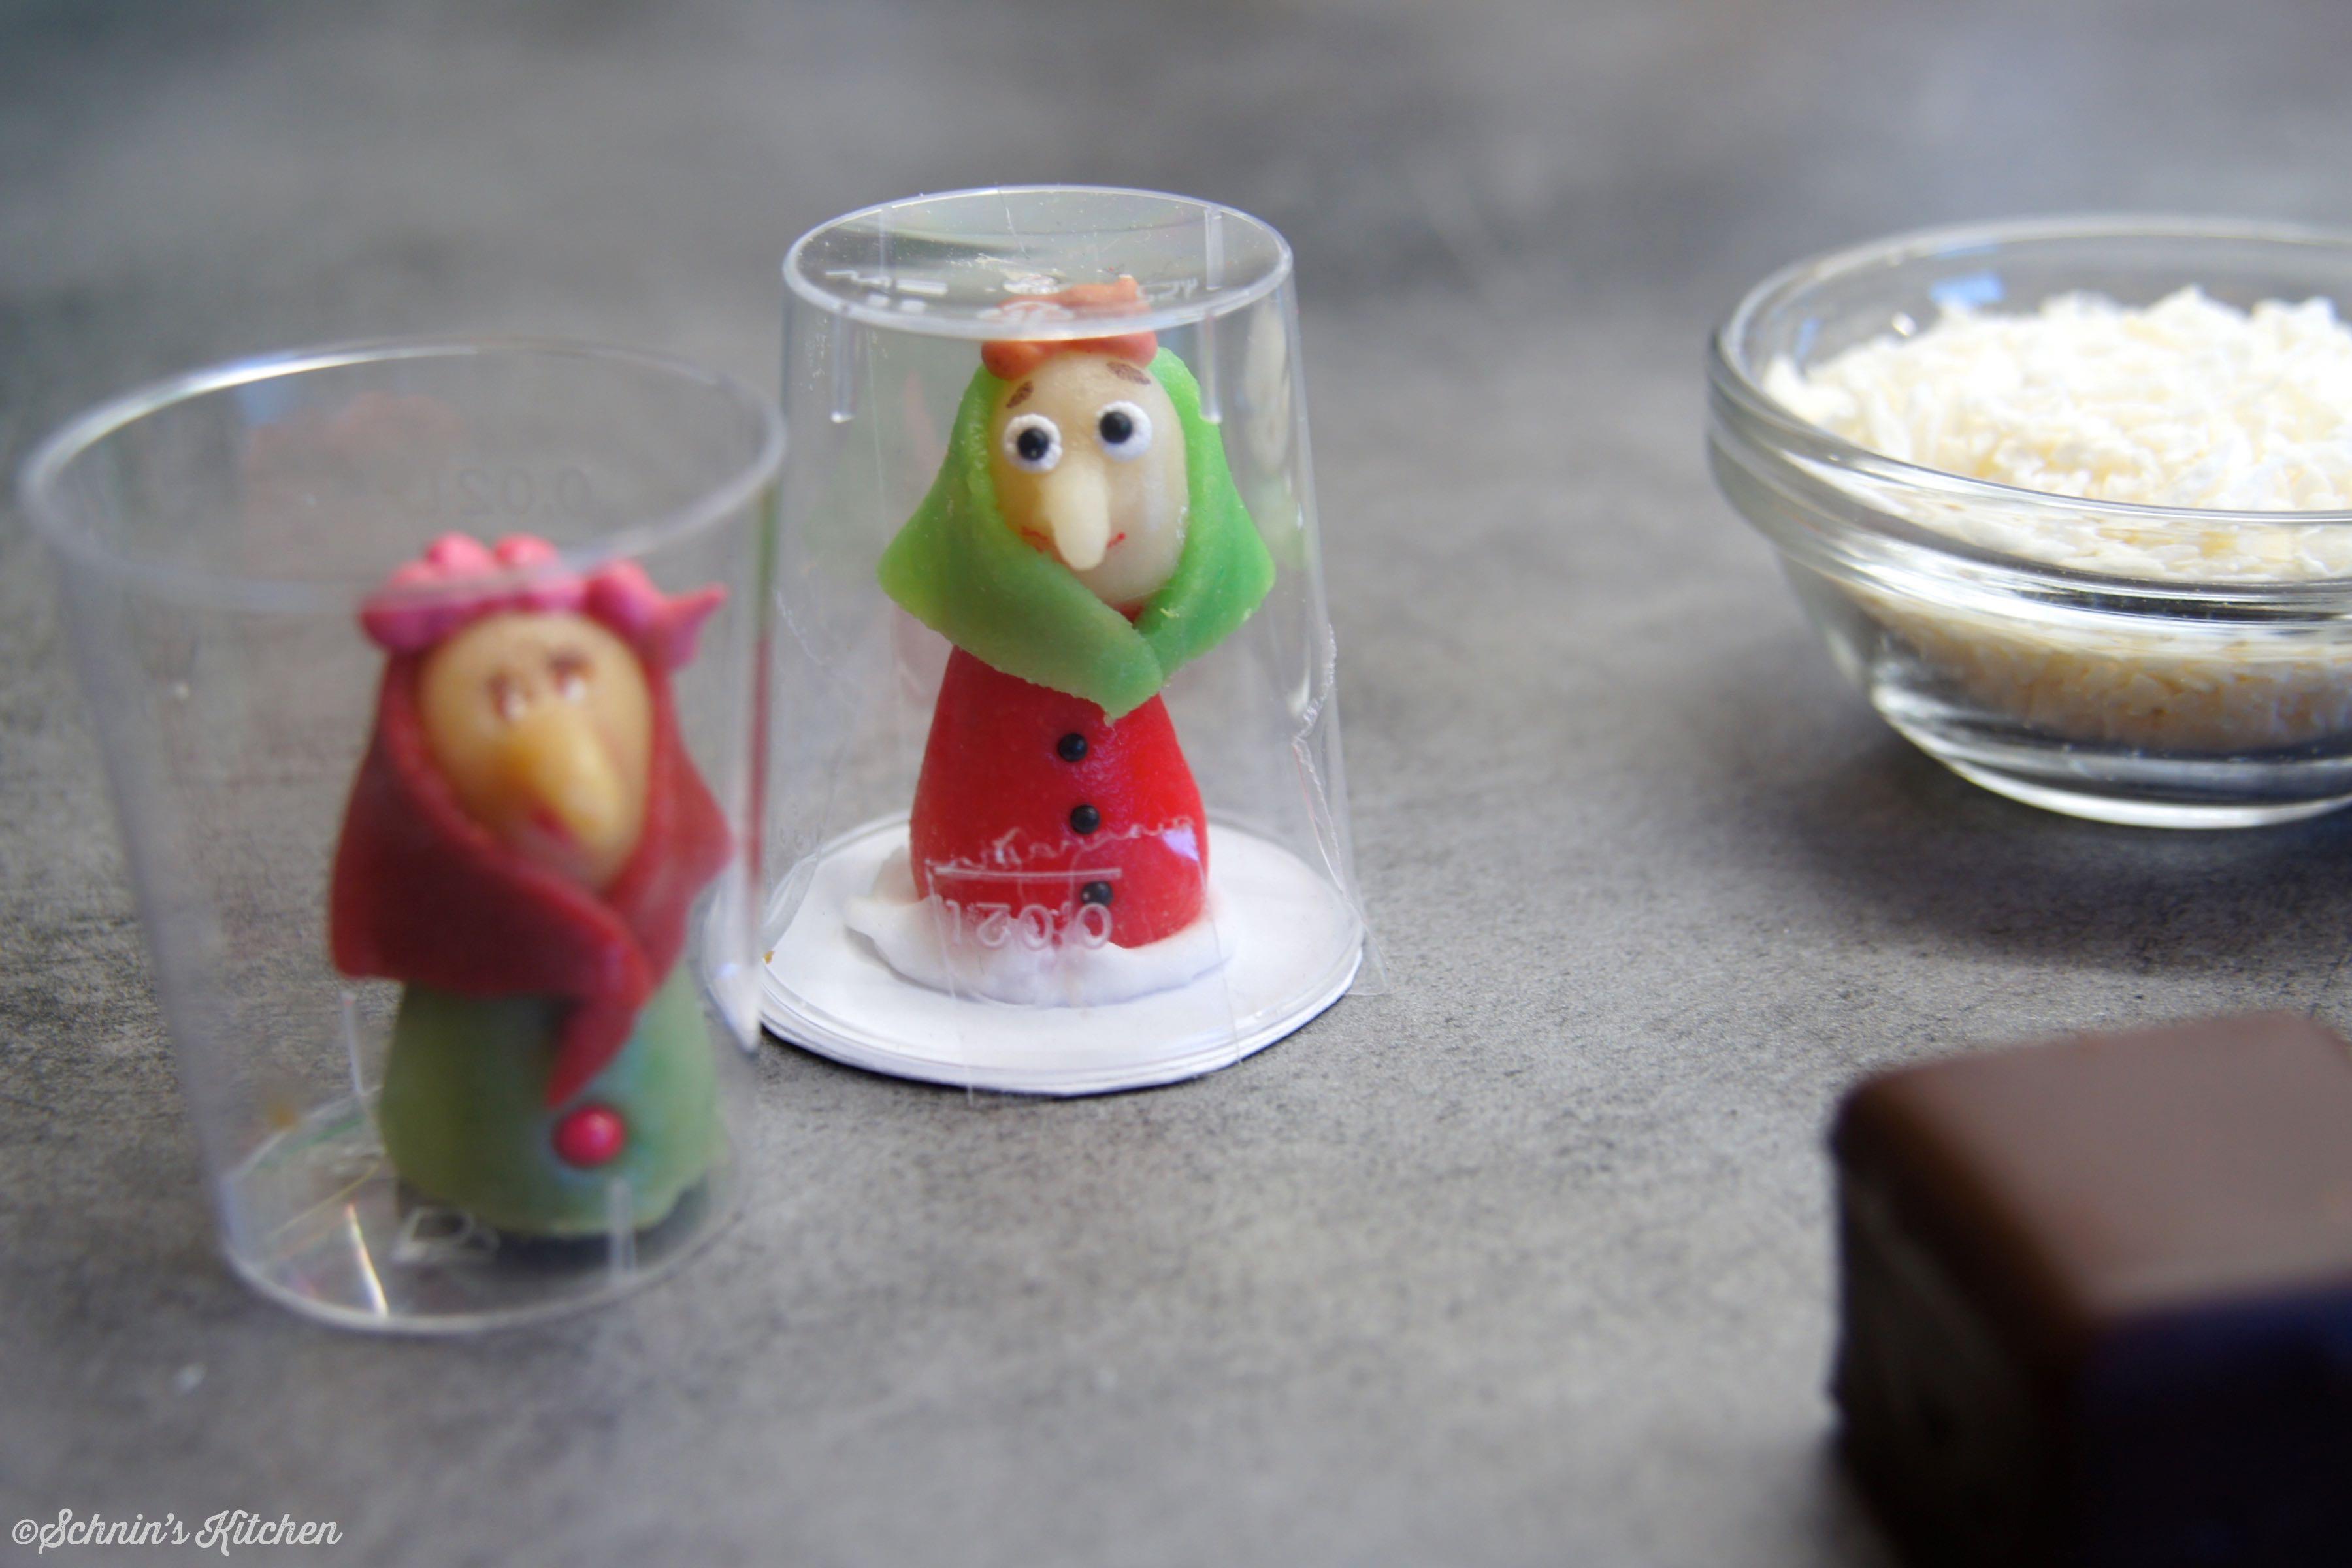 Schnin's Kitchen: DIY - Kleines Knusperhäuschen